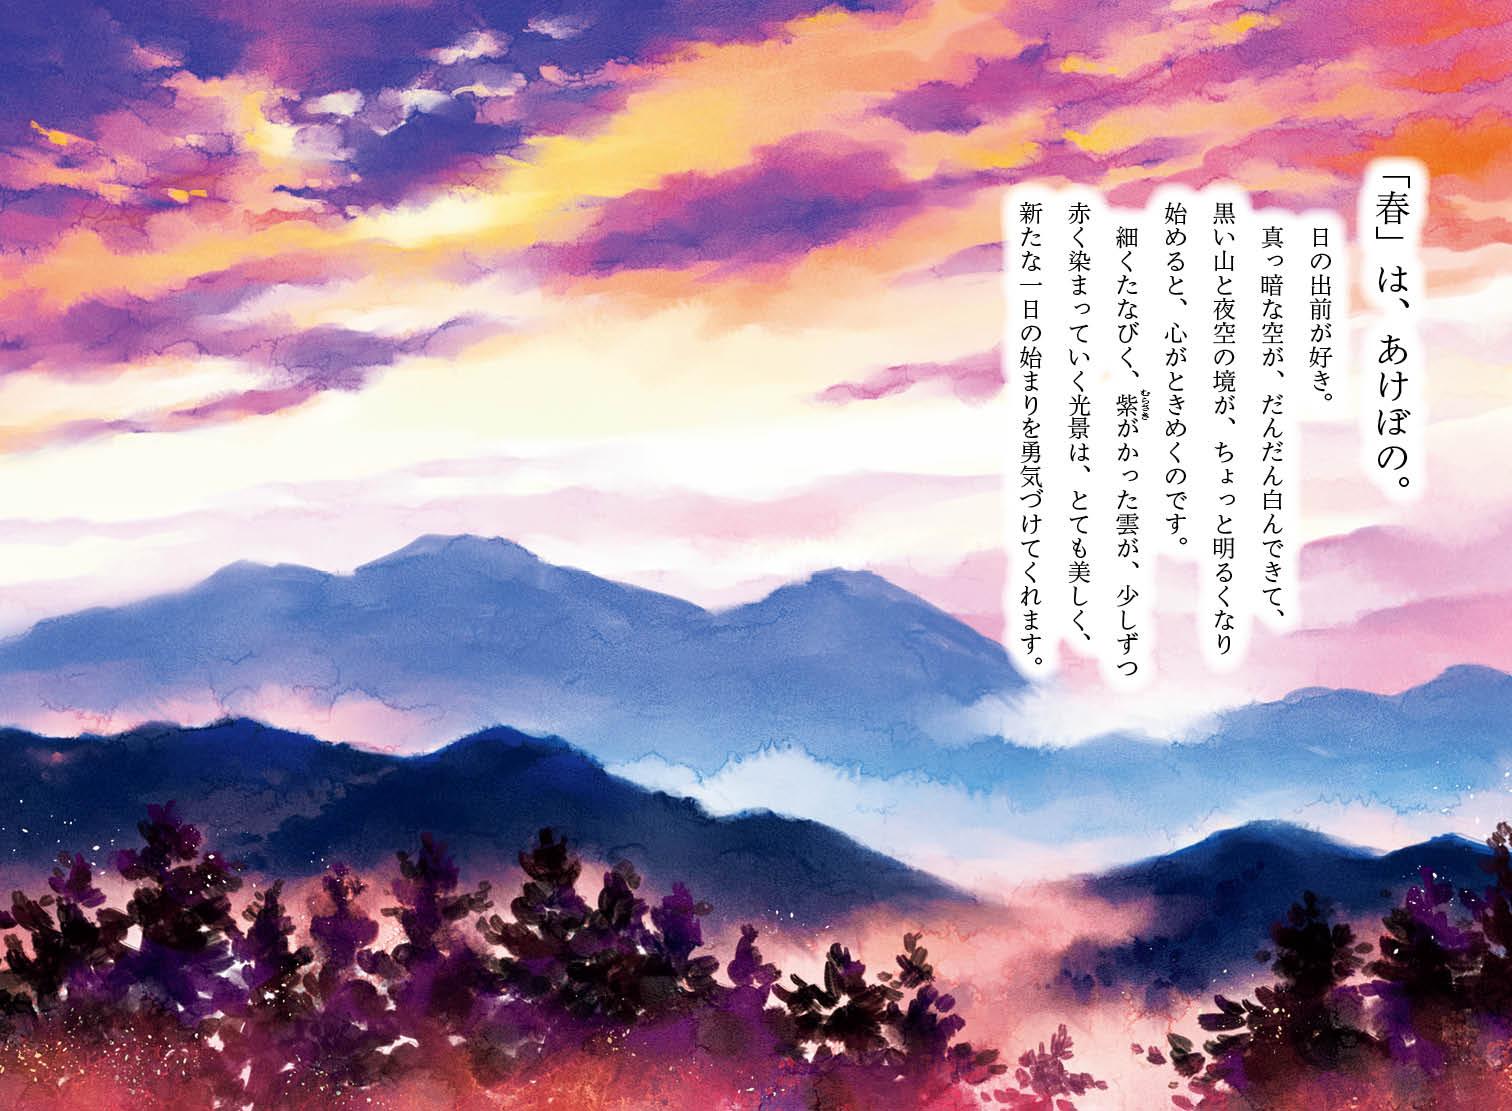 『こころきらきら枕草子』を試し読みの画像6